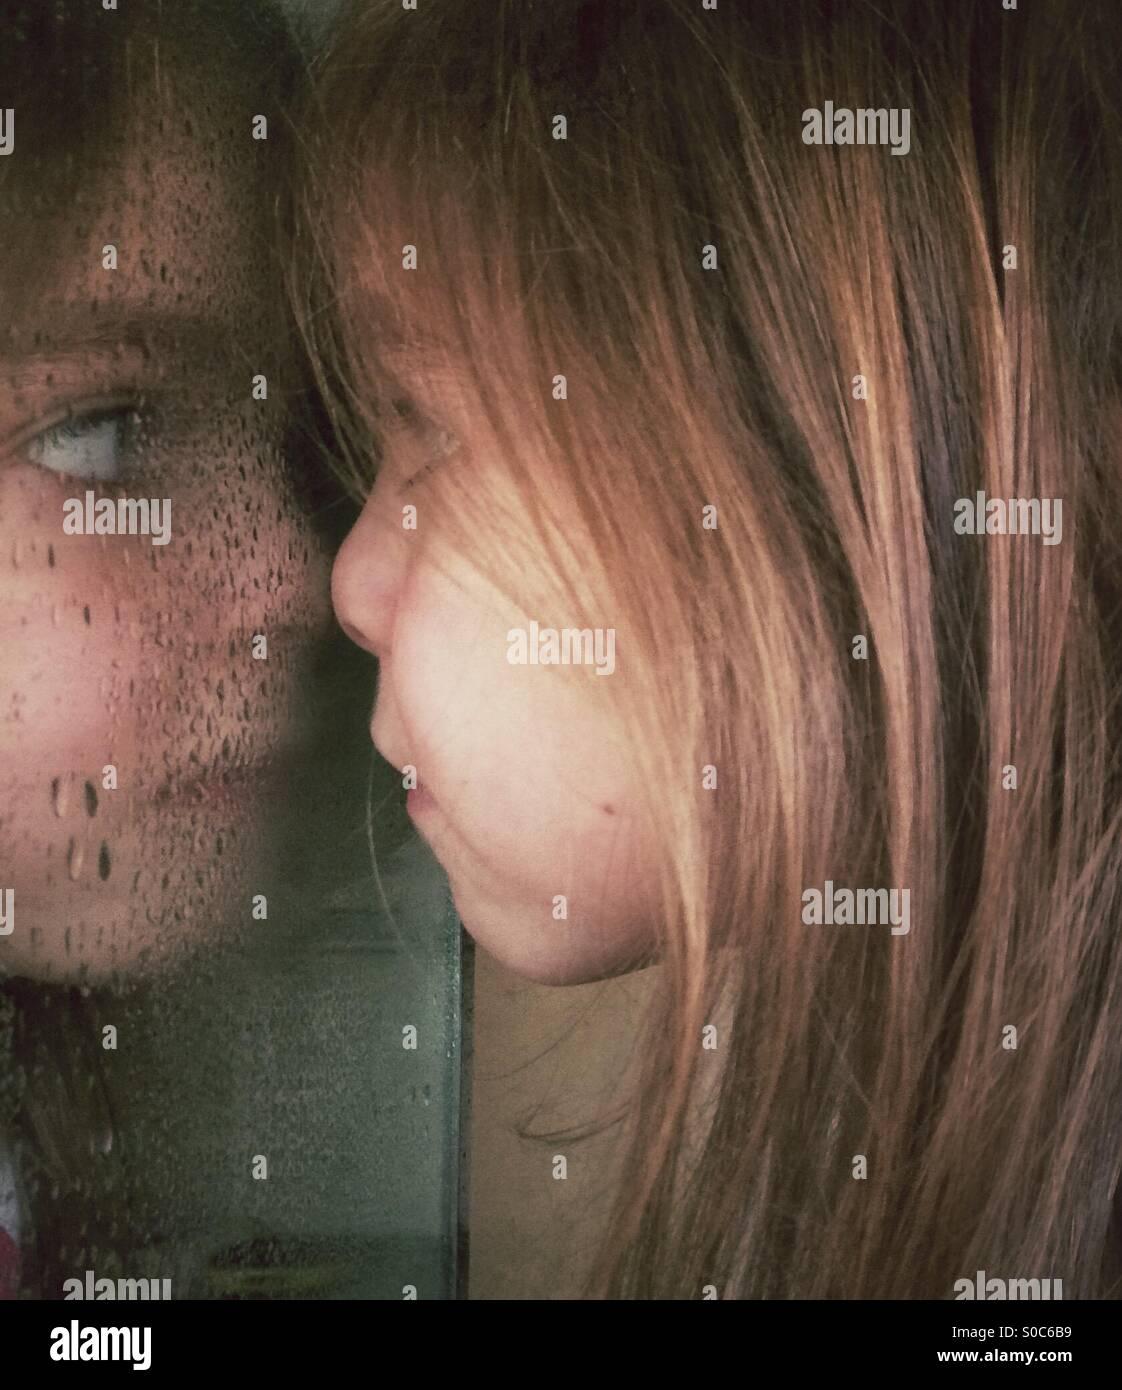 Ragazza premendo il suo naso contro il bagnato Specchio bagno Immagini Stock